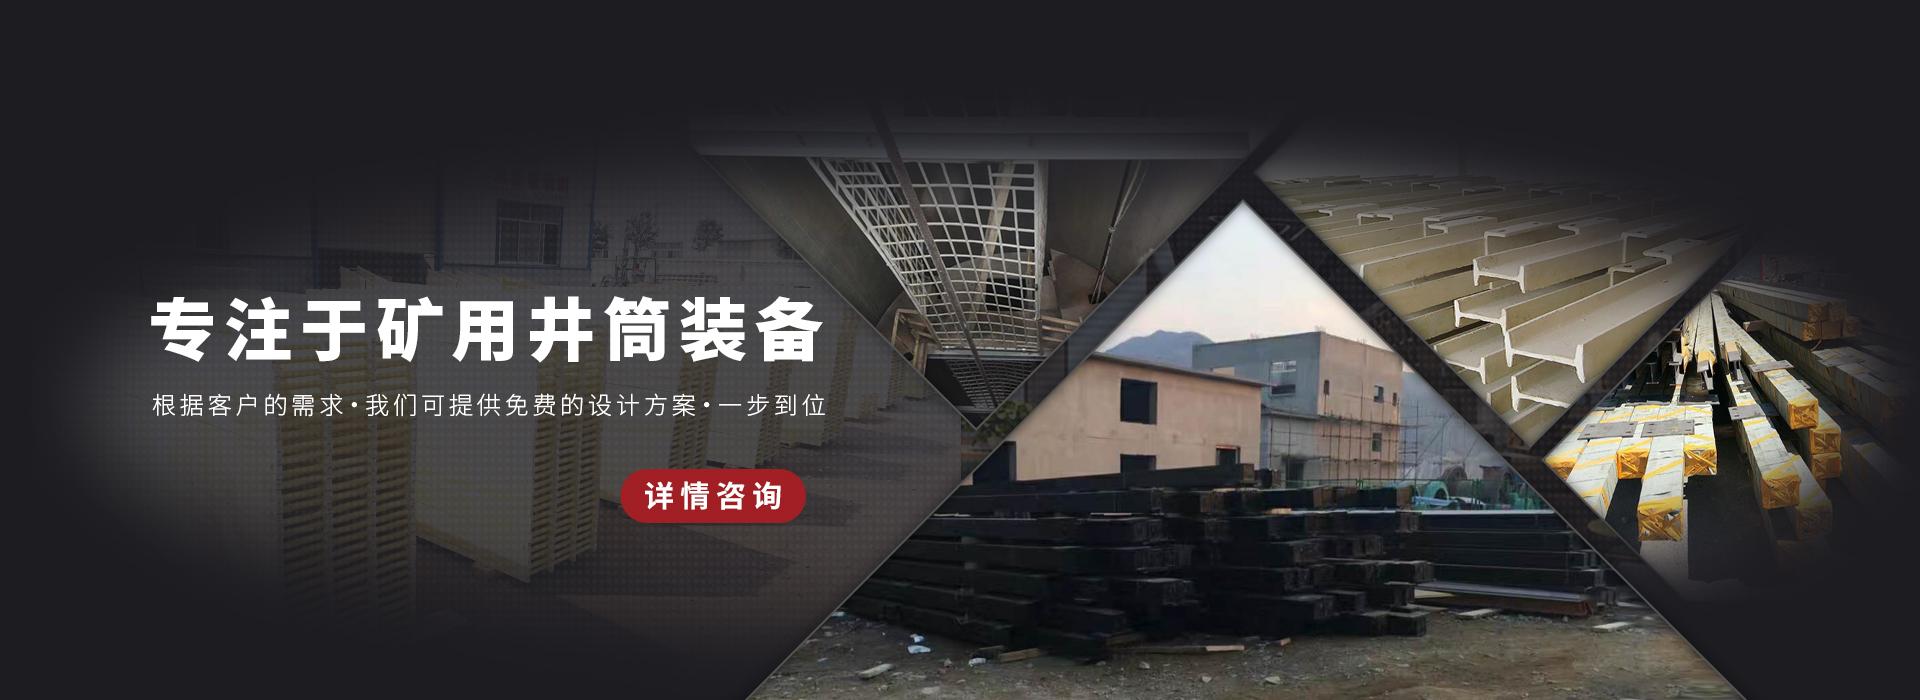 井筒装备玻璃钢梯子间生产厂家